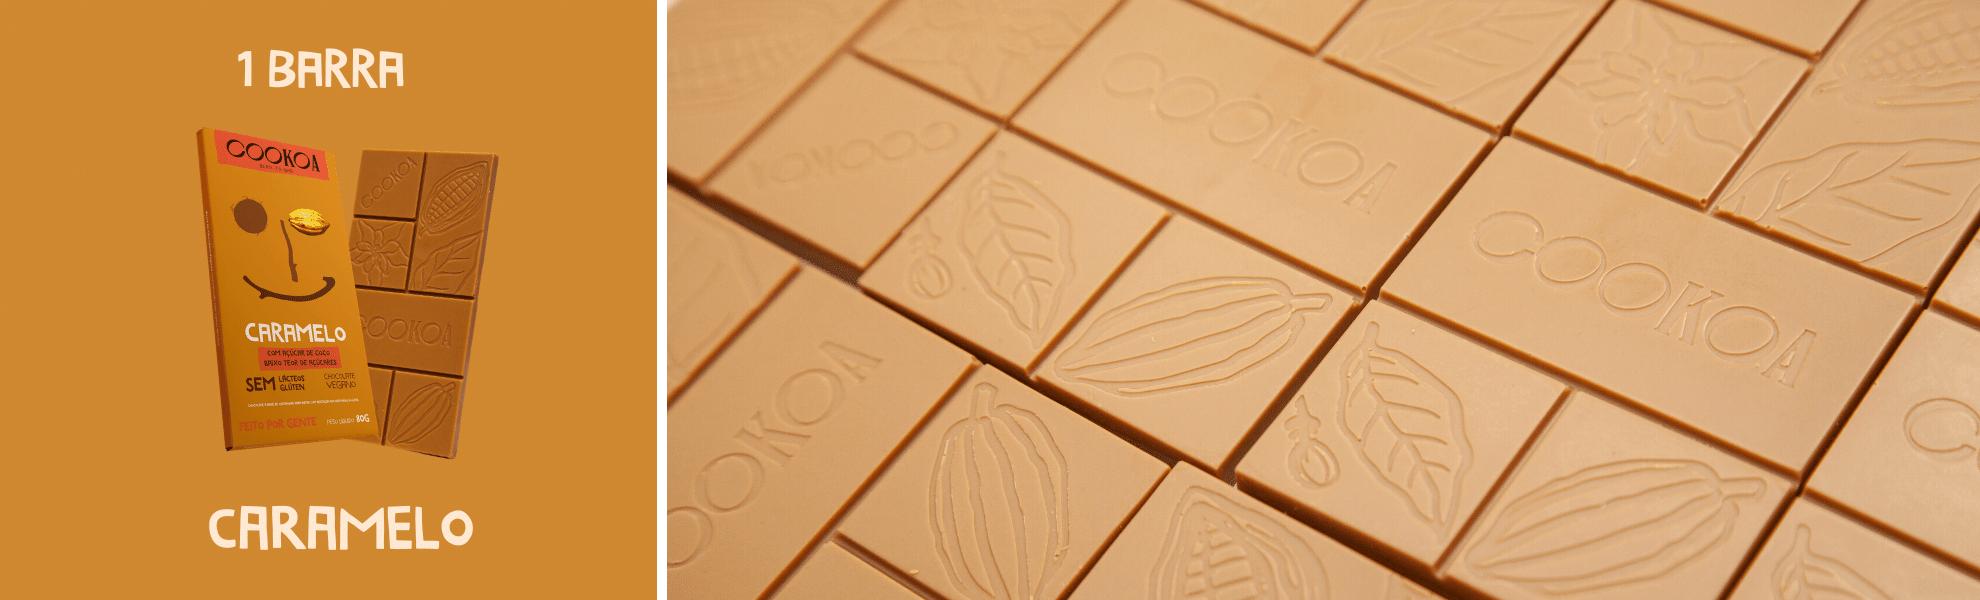 cookoa chocolate caramelo